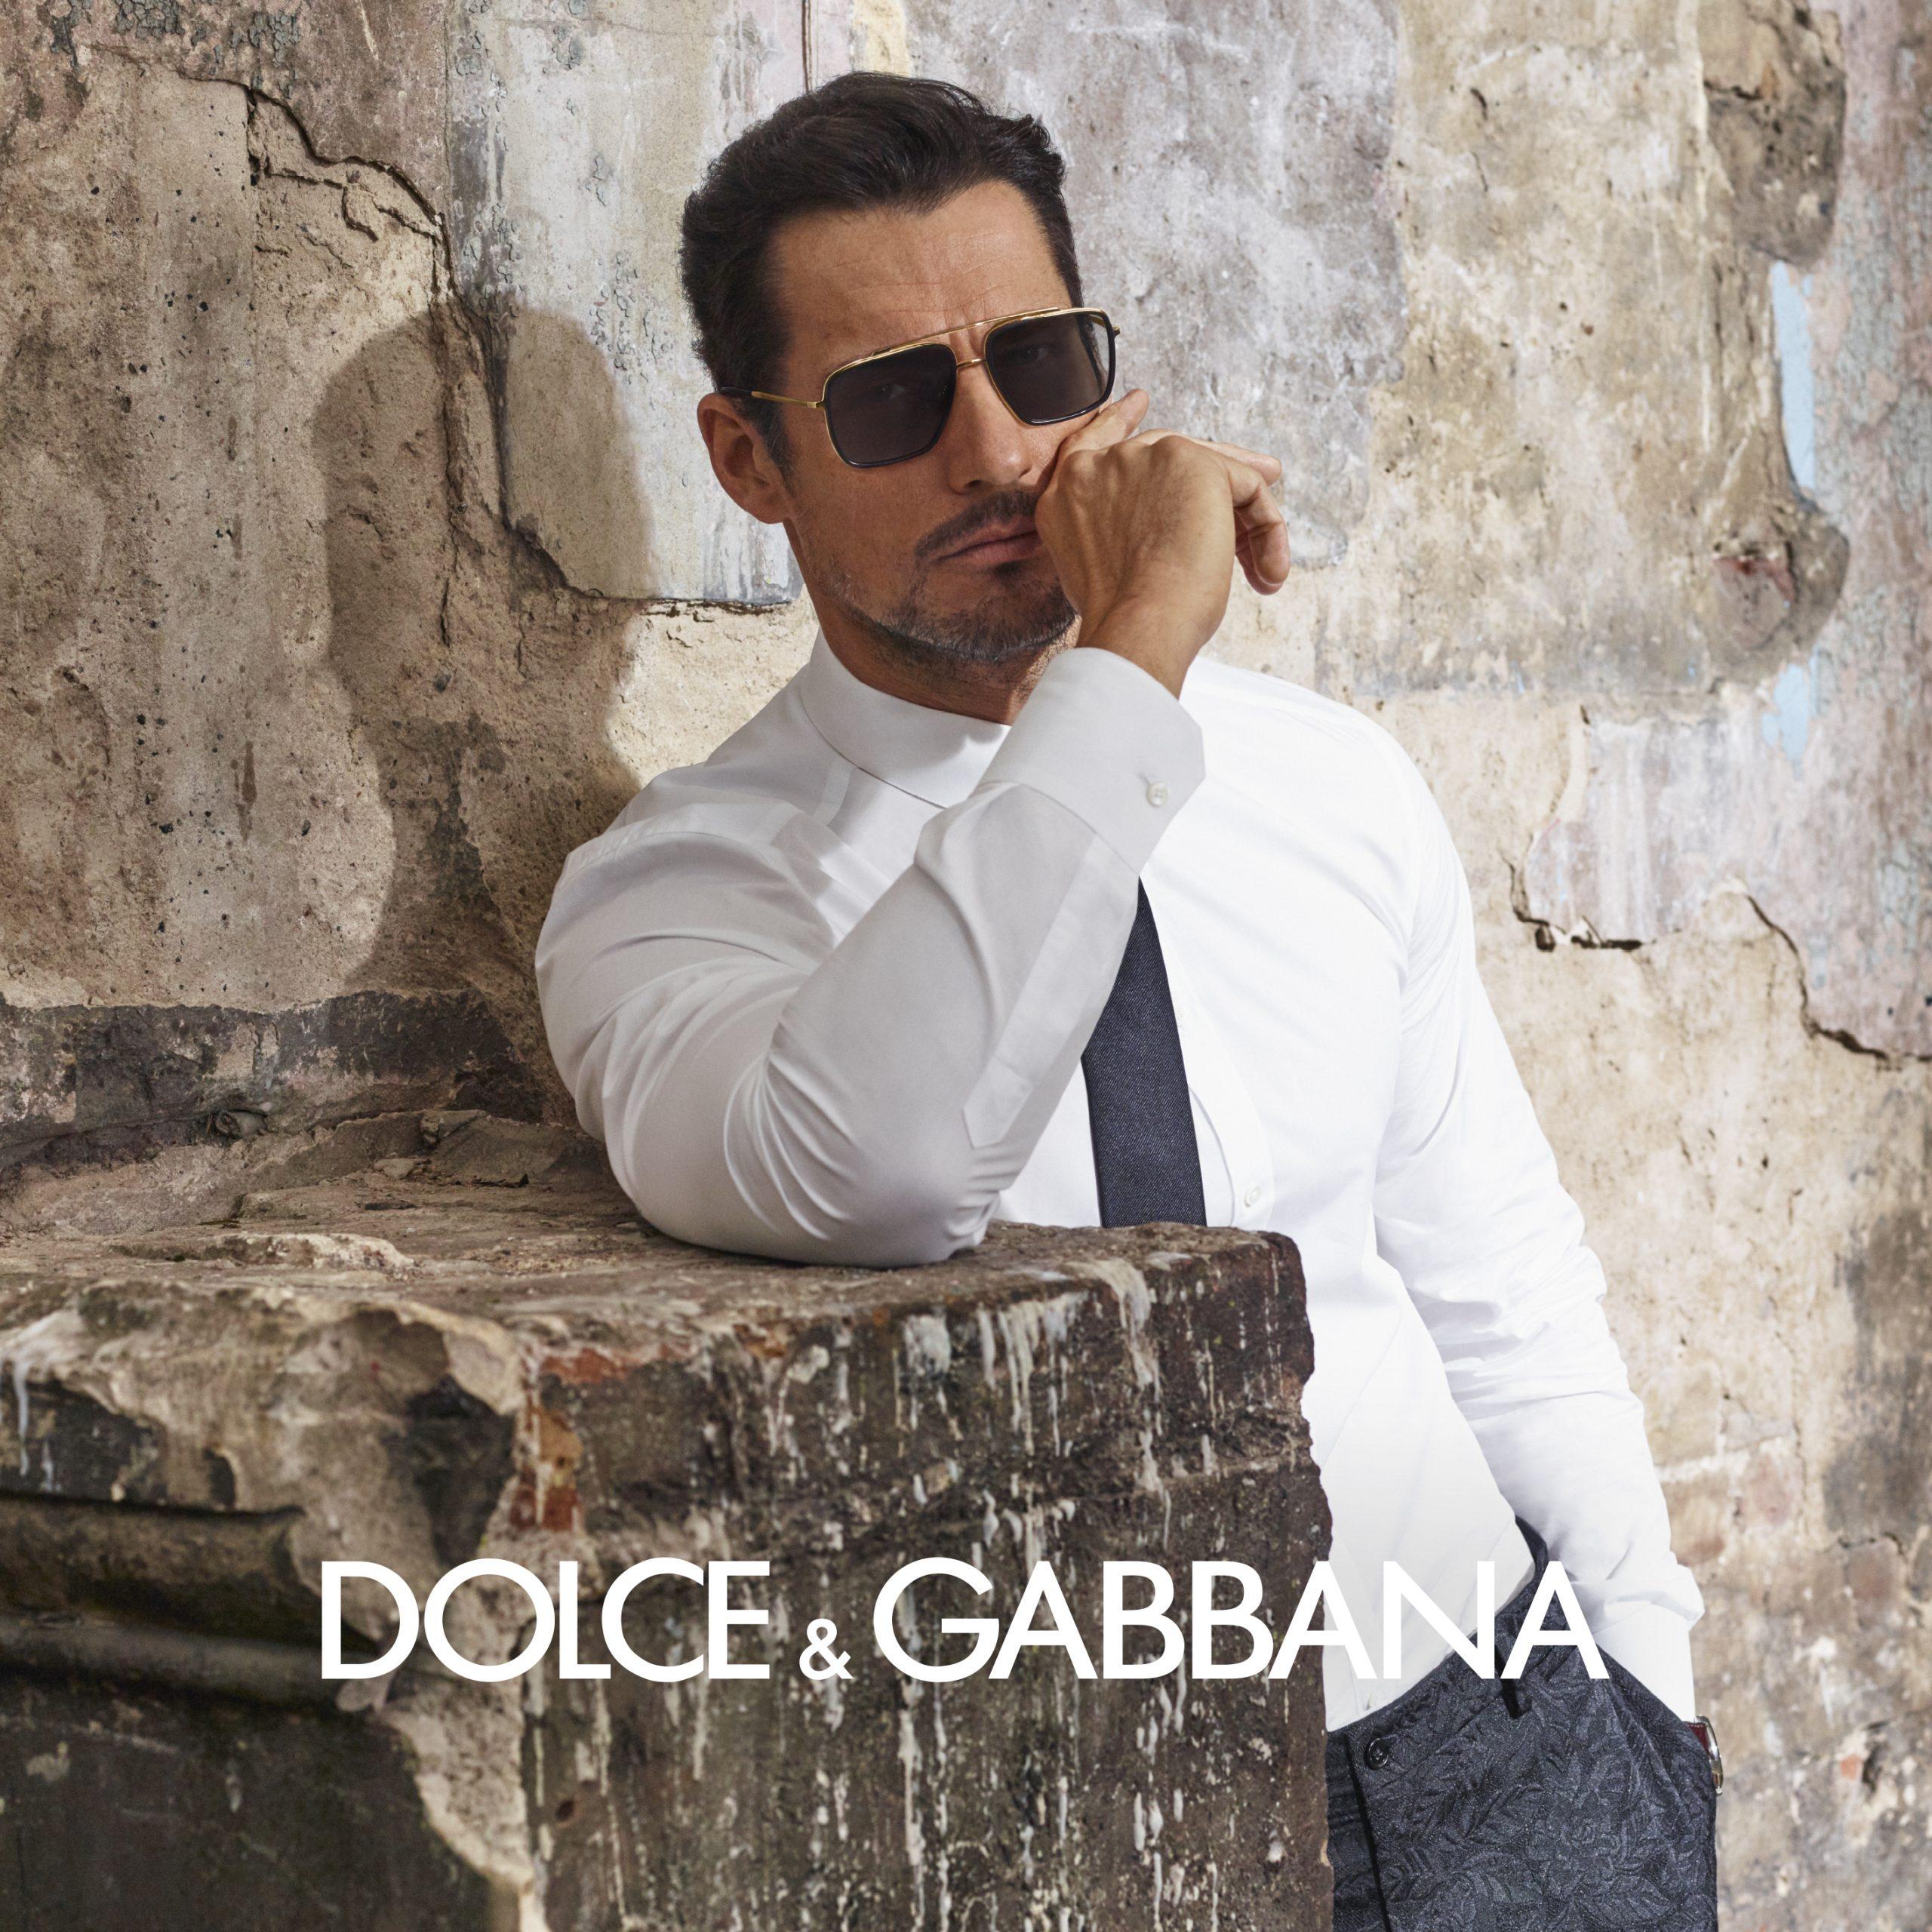 Dolce & Gabbana 9 - Ótica Pitosga